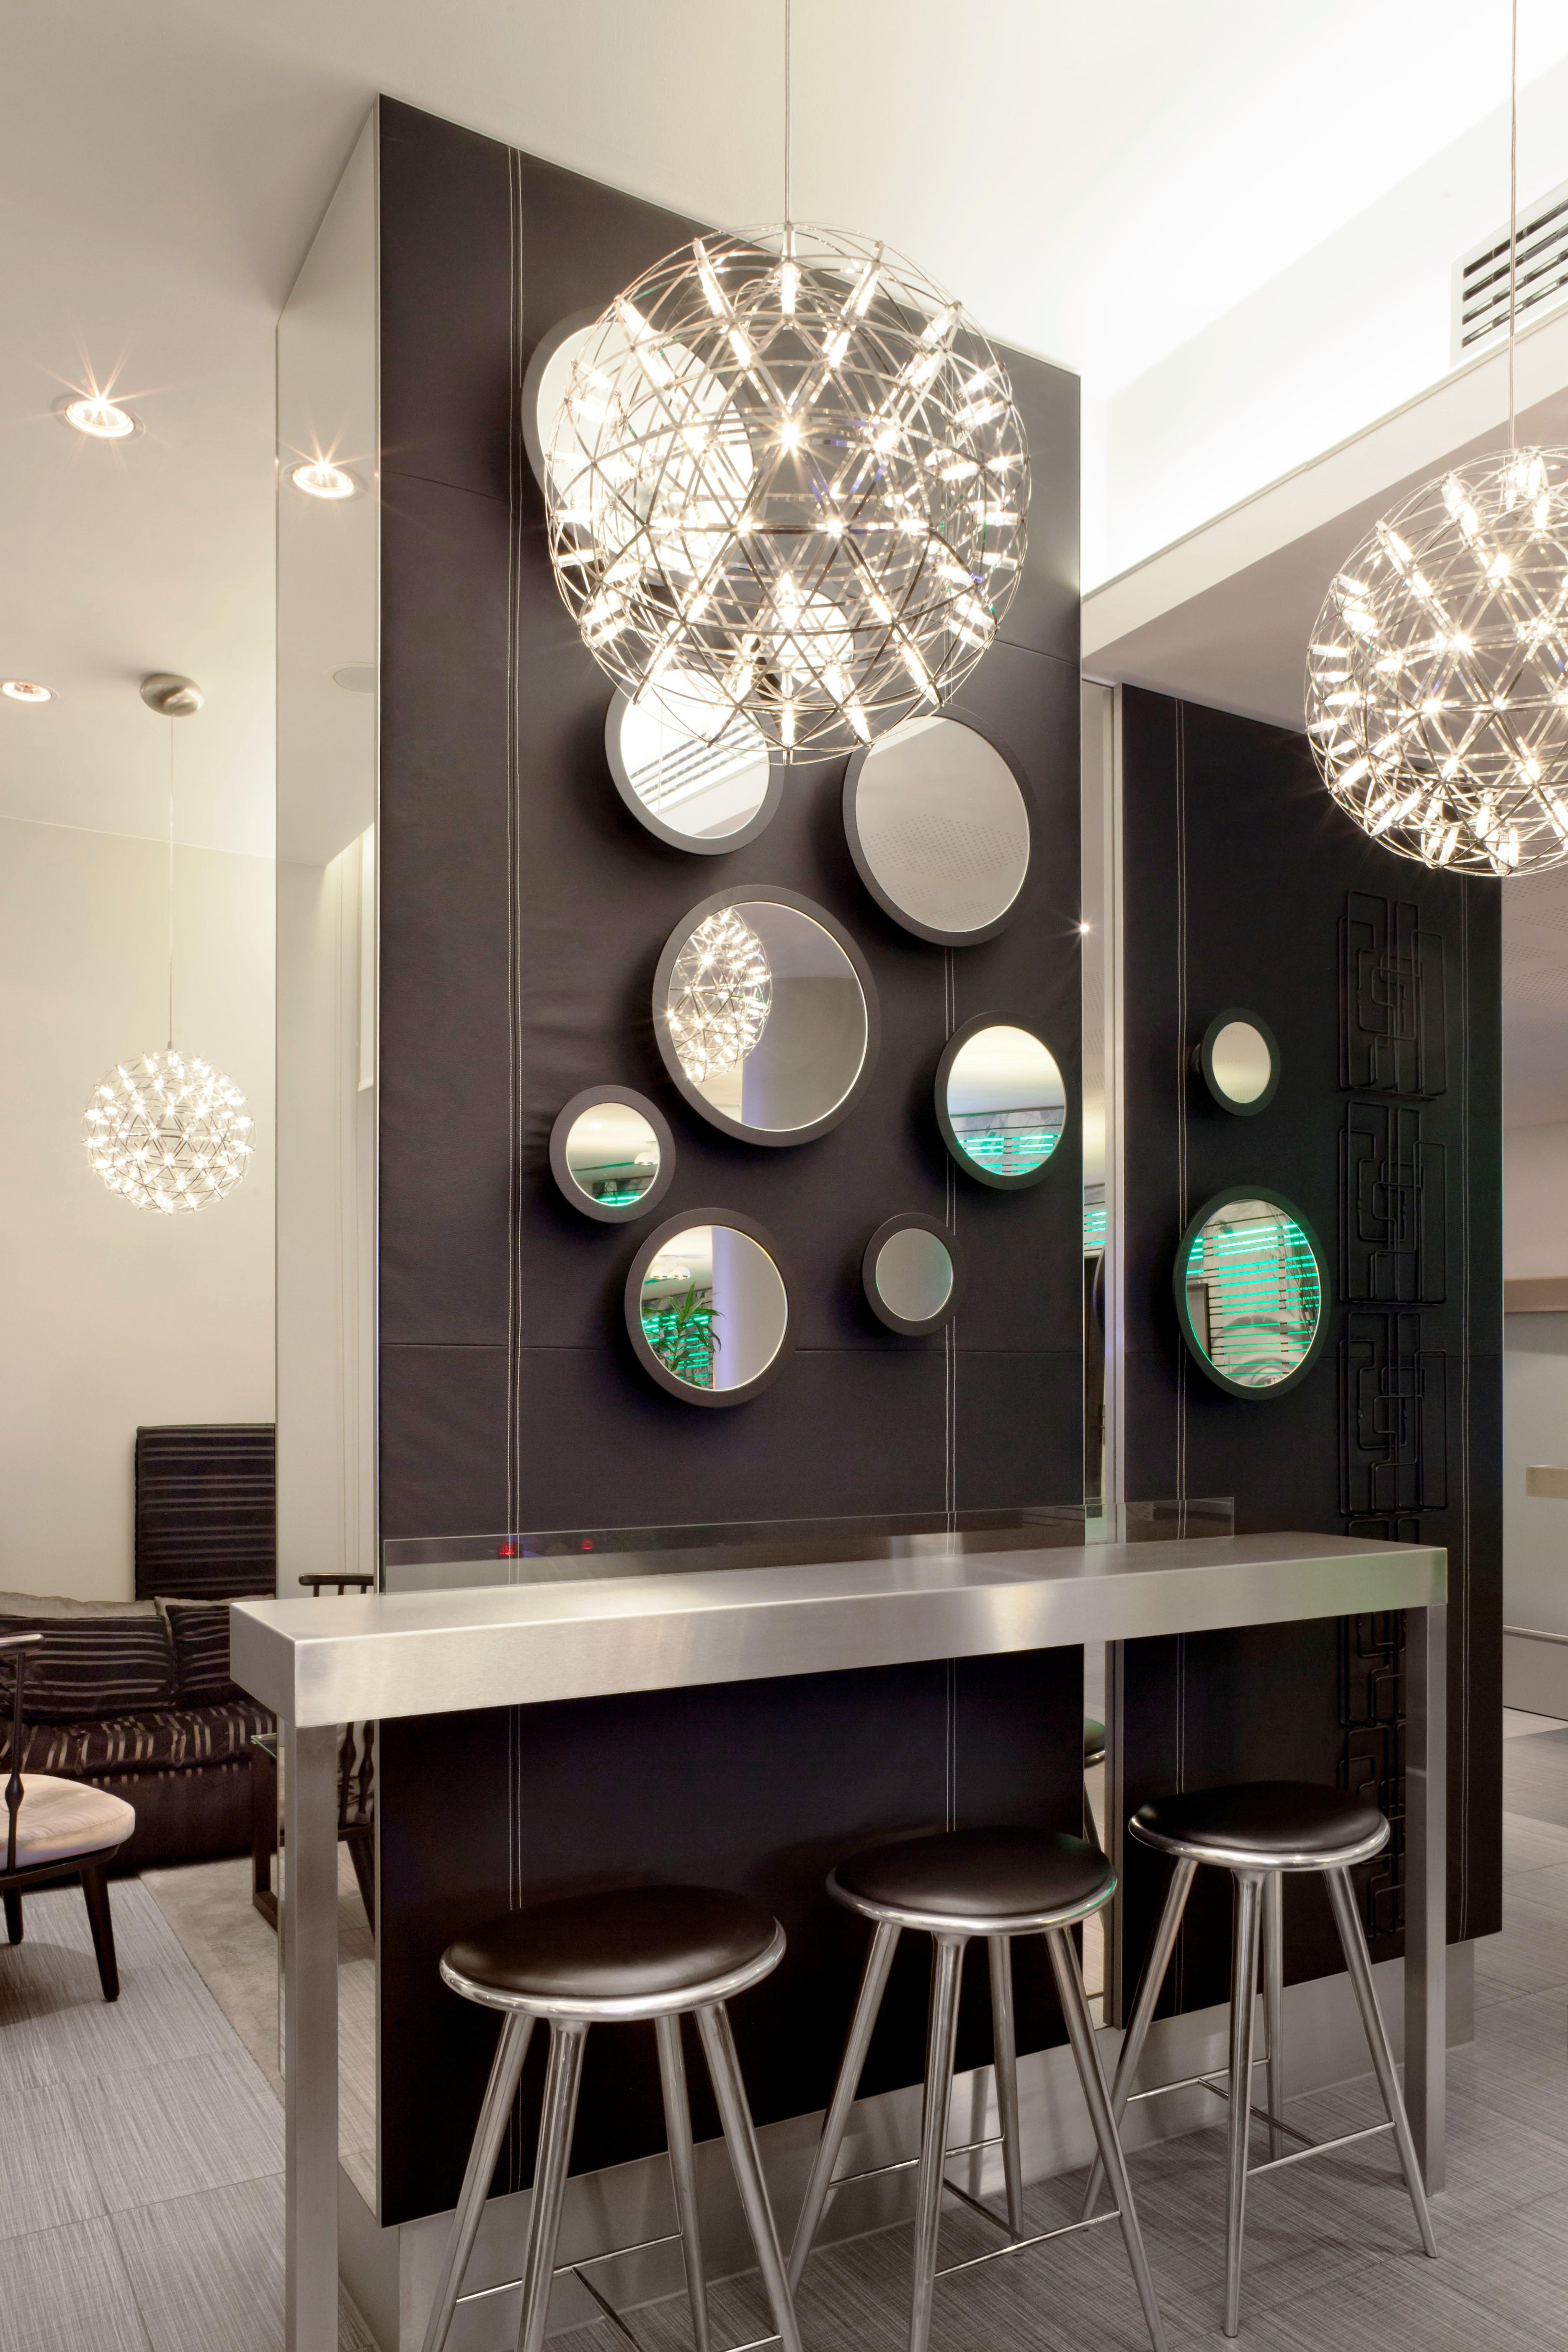 Tabelle Weiss Stadt Decke Wohnzimmer Mbel Zimmer Beleuchtung Modern Innenarchitektur Hauptstadt Entwurf Hotel Leuchte Berlin Alexanderplatz